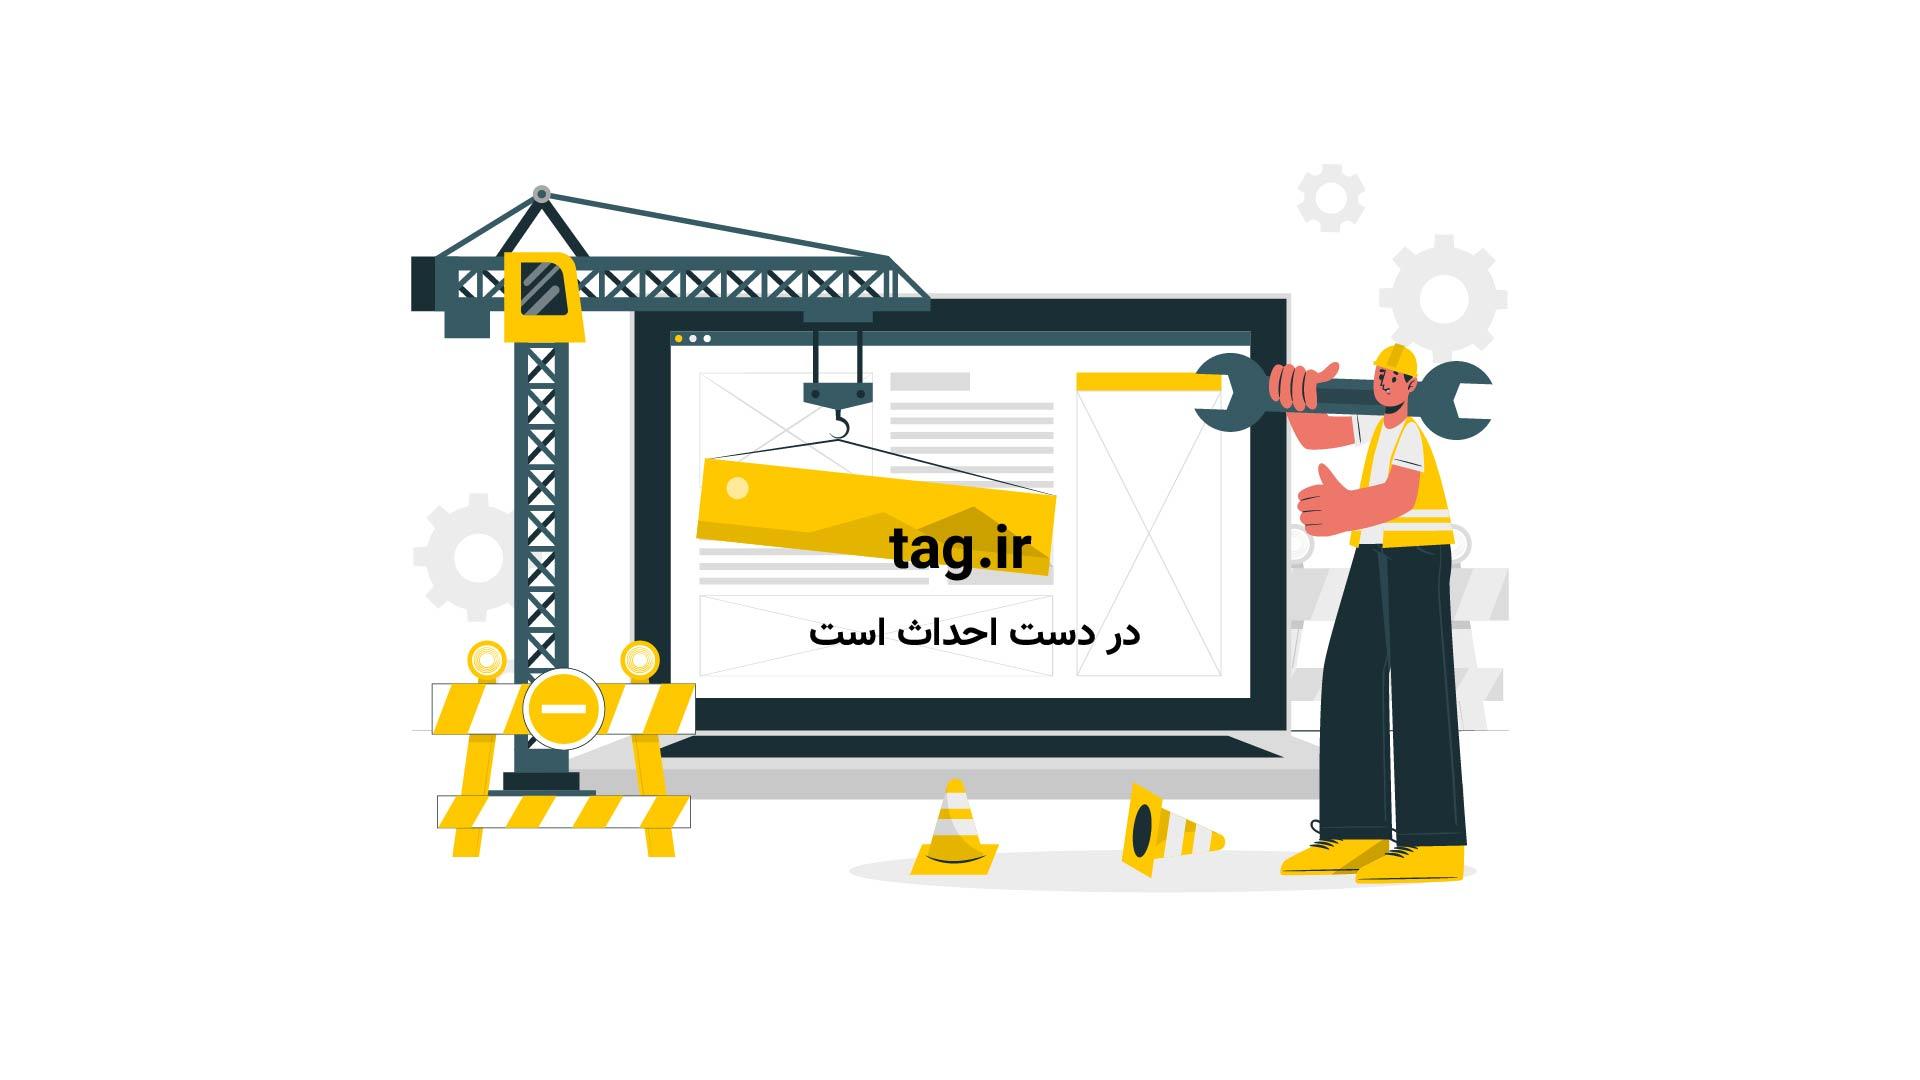 ربات-تیر-انداز-روسیه | تگ